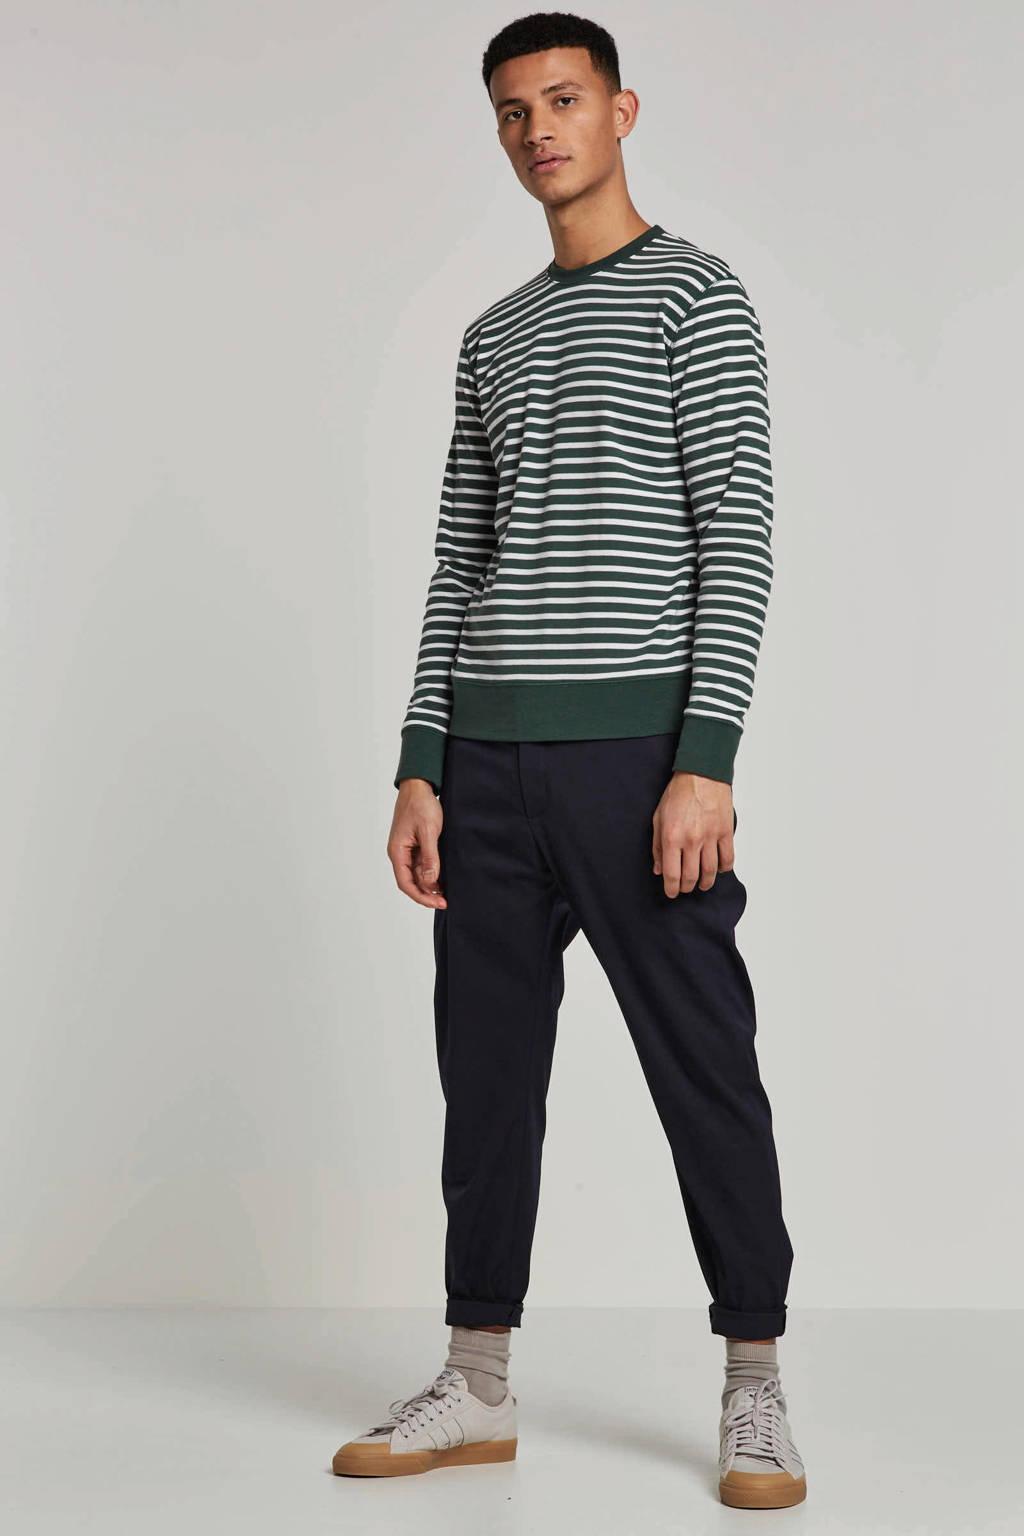 Matinique T-shirt lange mouw, Groen/wit